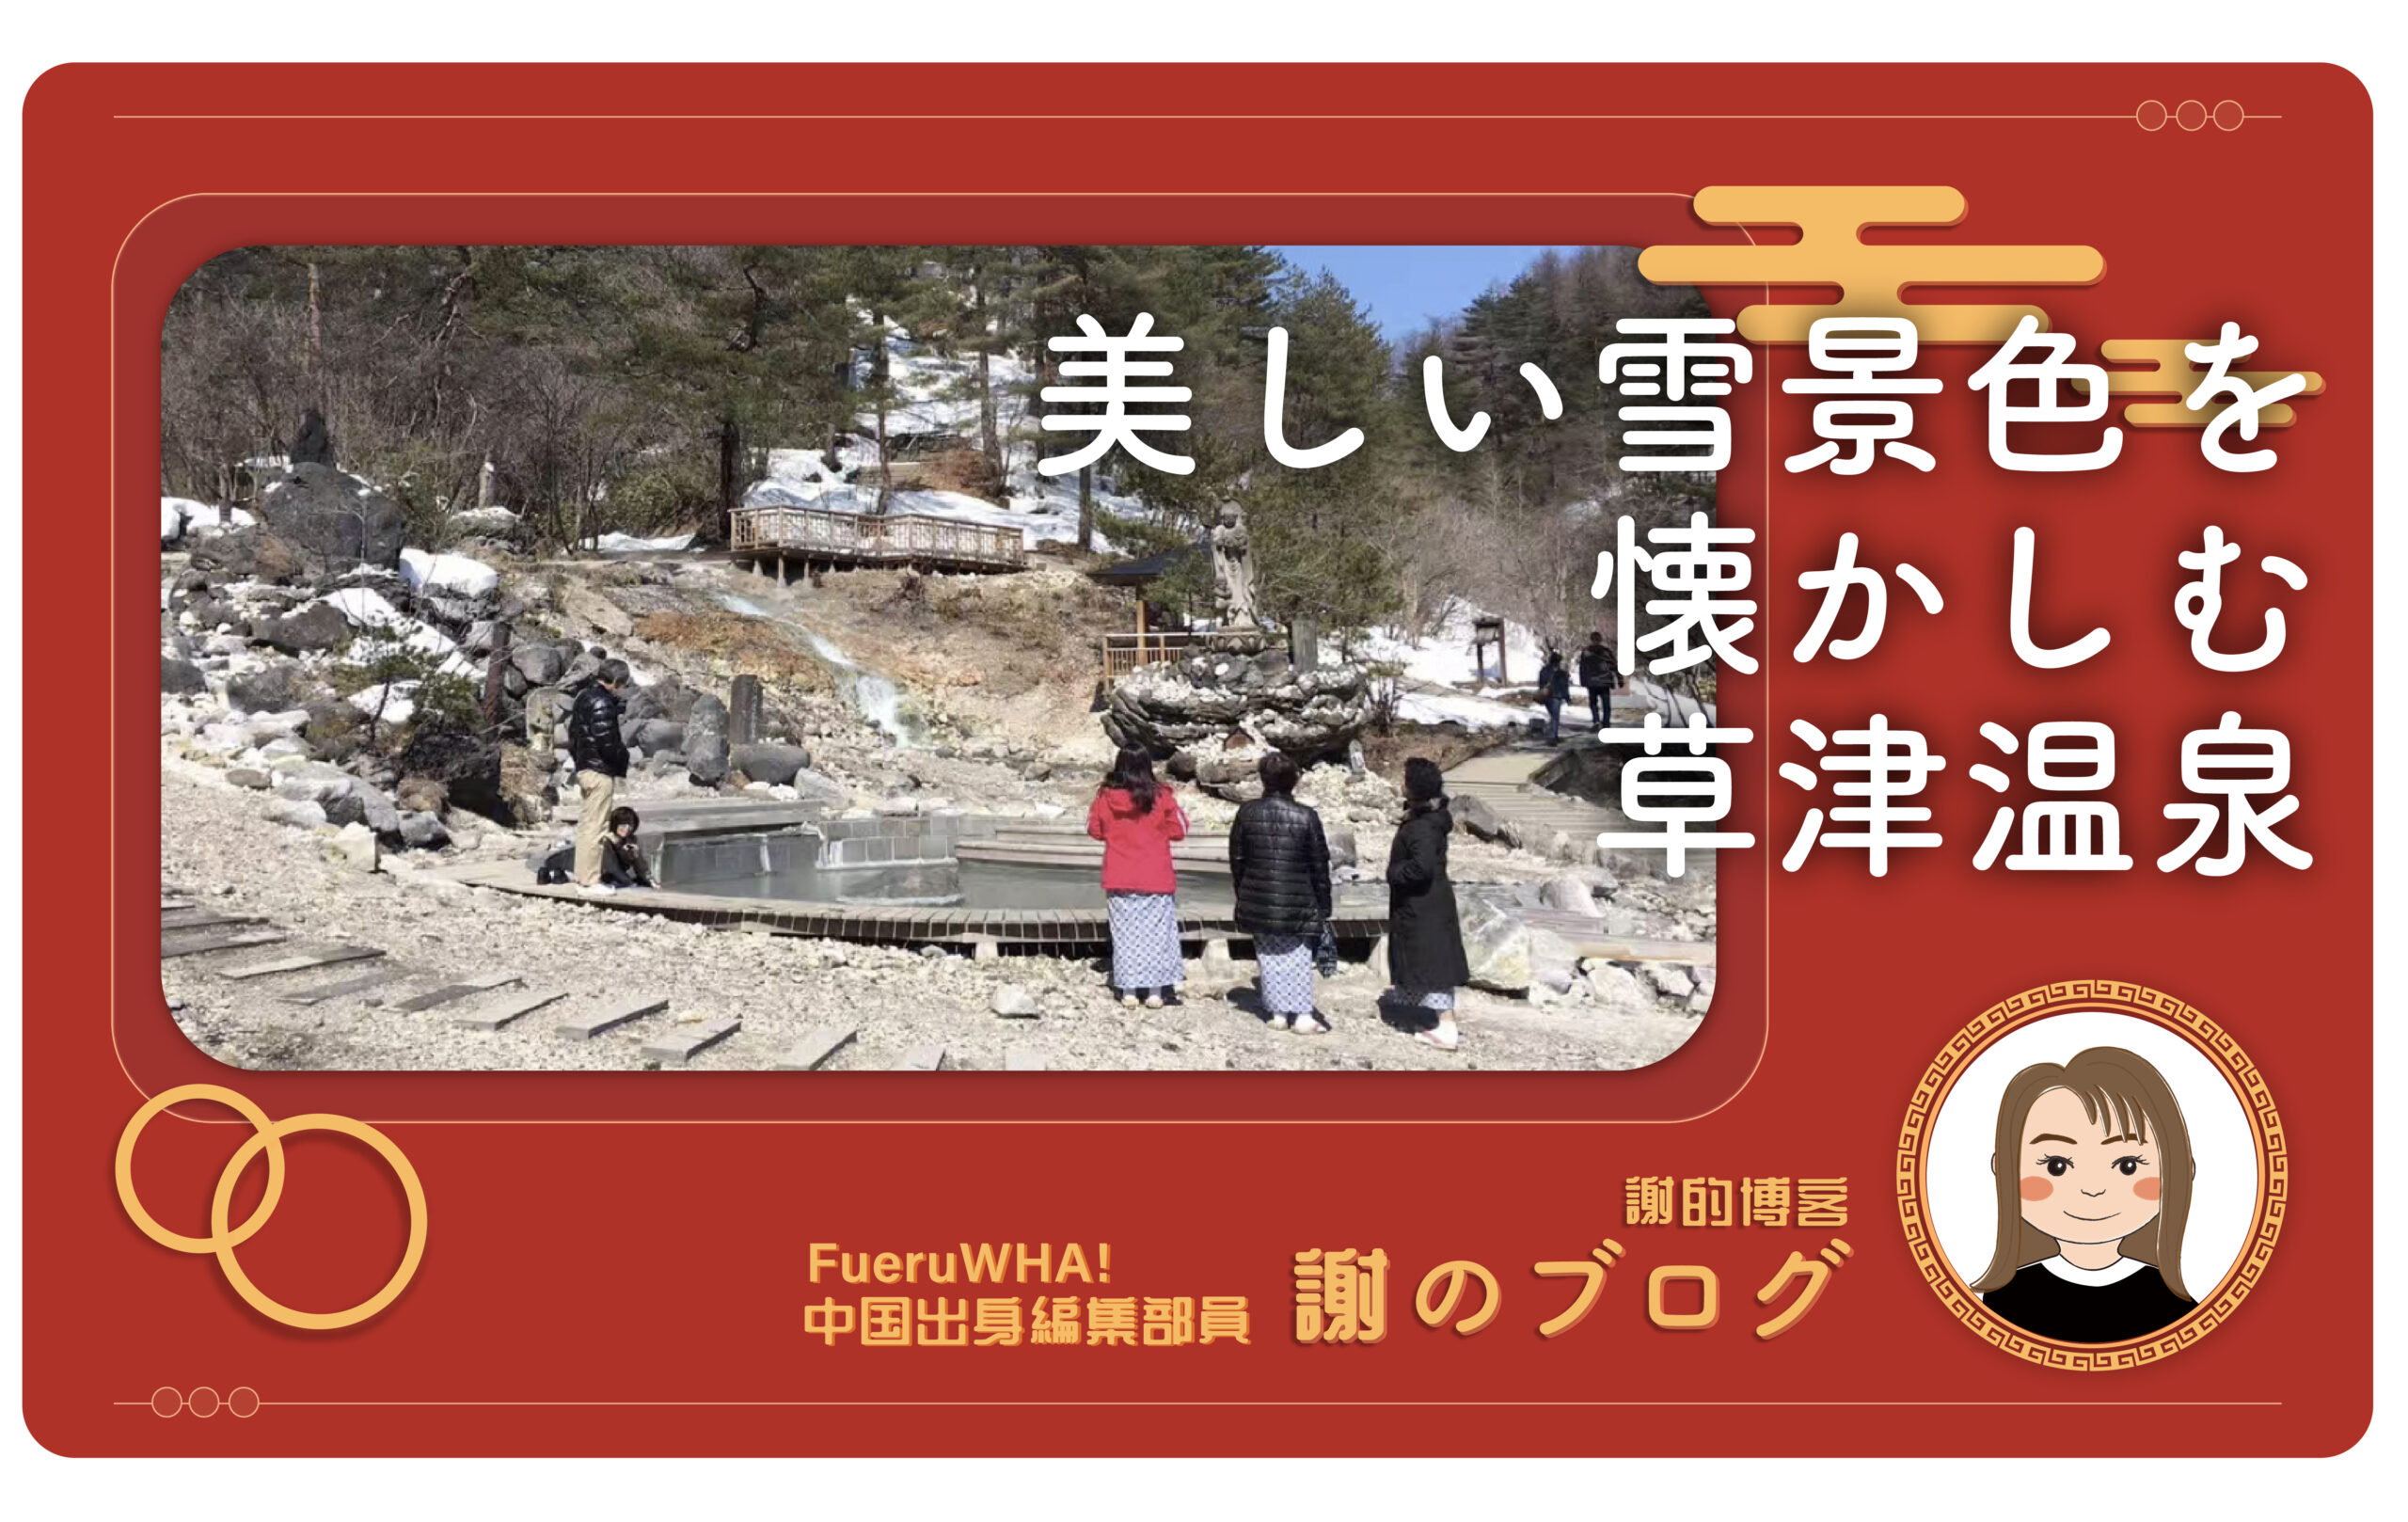 謝のブログ 美しい雪景色を懐かしむ草津温泉